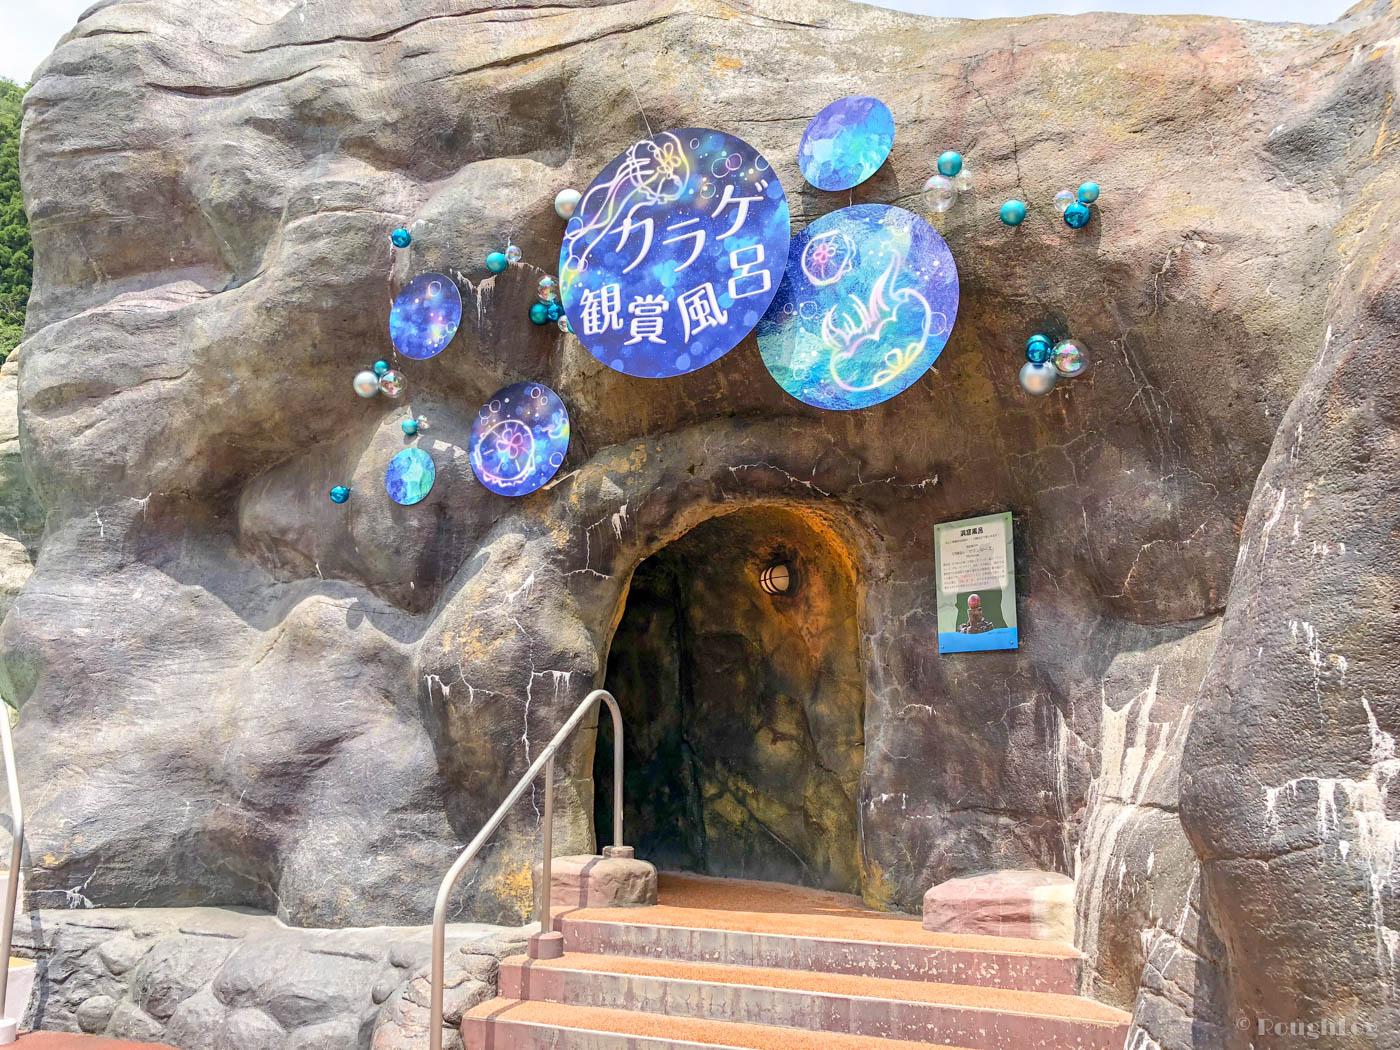 箱根小涌園ユネッサンの洞窟風呂